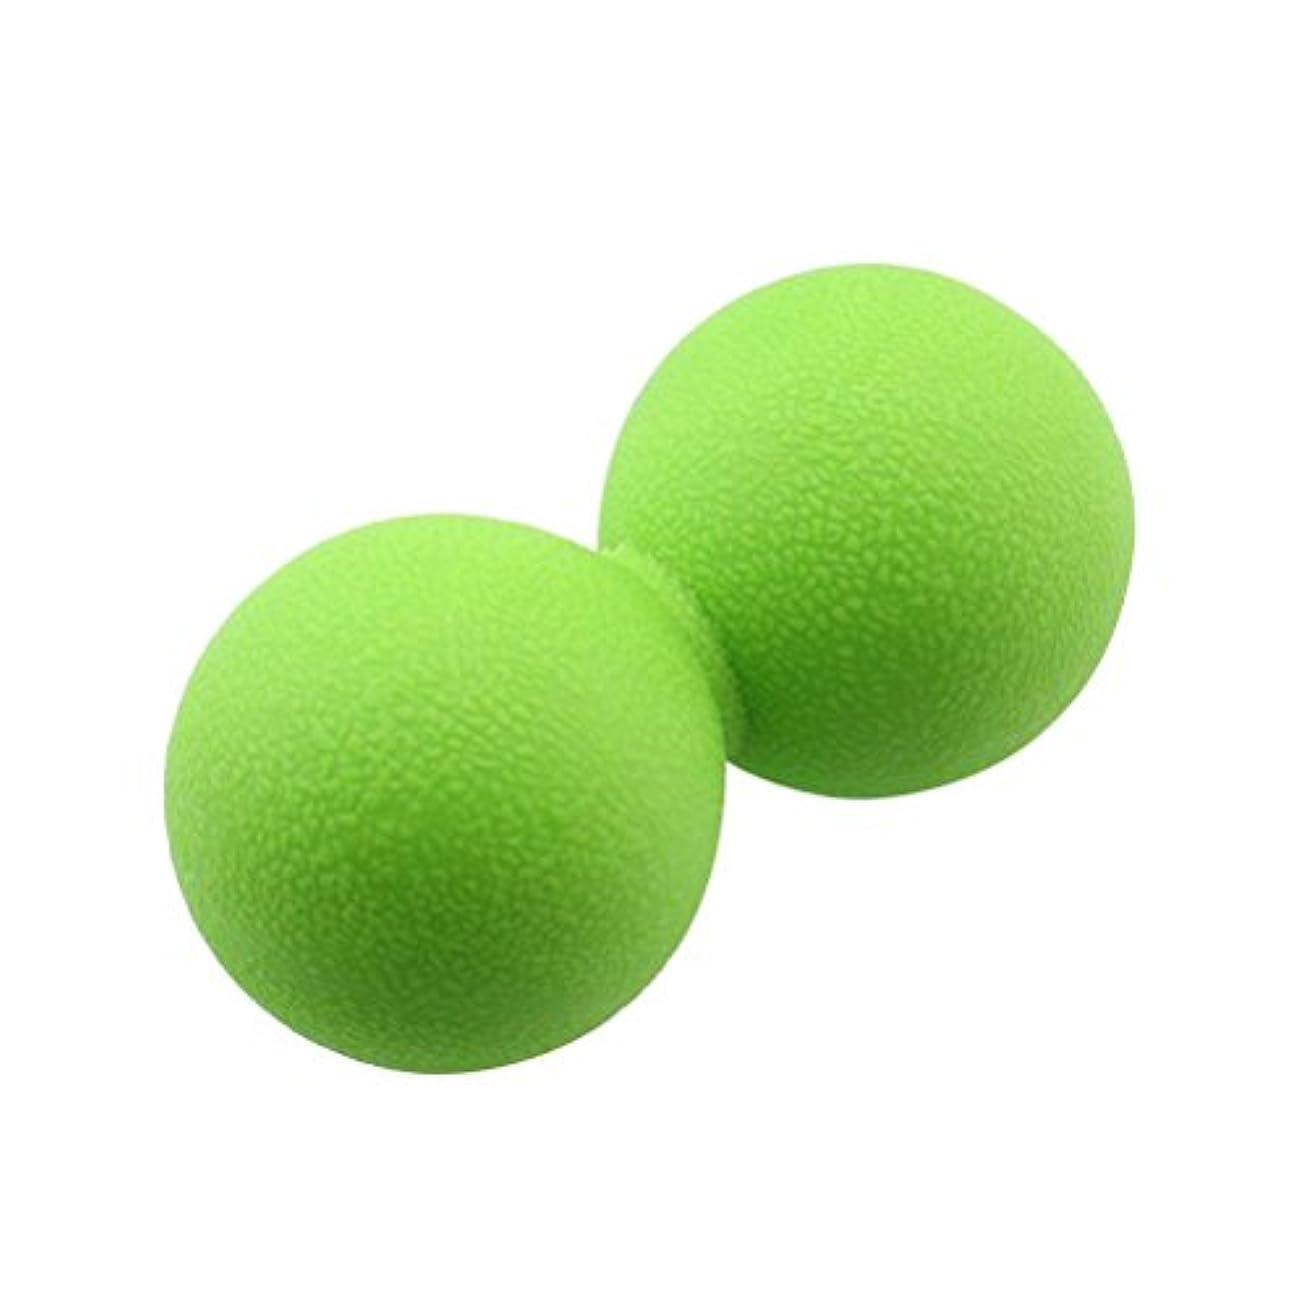 コメンテーター前者接ぎ木VORCOOL マッサージボール ストレッチボール ハードタイプ トリガーポイント トレーニング 背中 肩こり 腰 ふくらはぎ 足裏 ツボ押しグッズ スーパーハードタイプ 筋肉痛を改善 運動前後(緑)